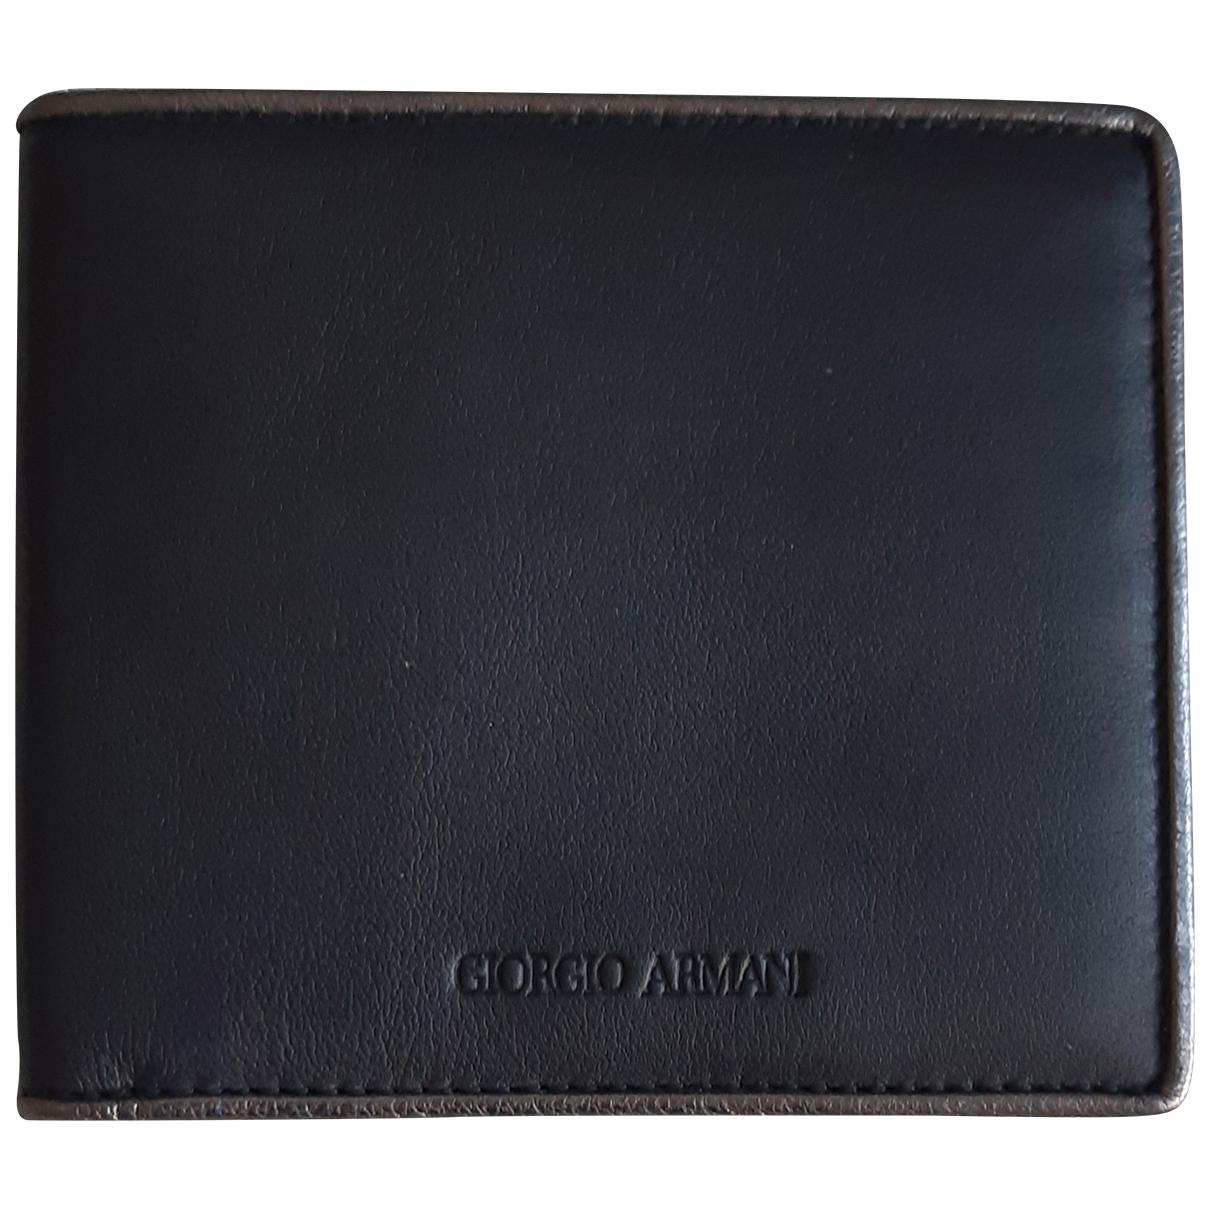 Giorgio Armani - Petite maroquinerie   pour homme en cuir - noir